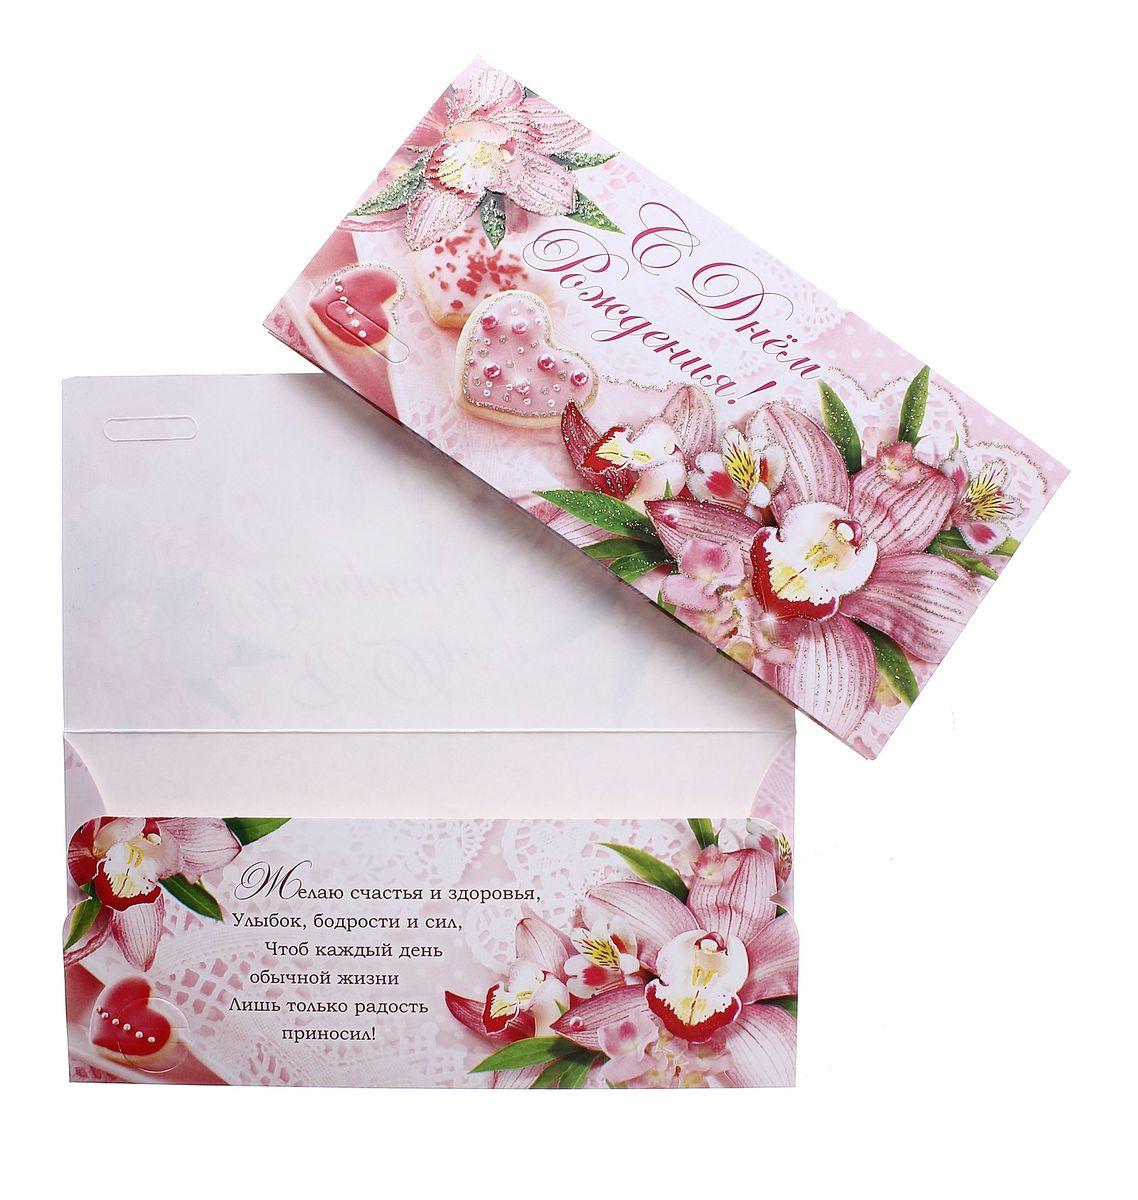 Анимационные открытки, конверт открытка с днем рождения фото